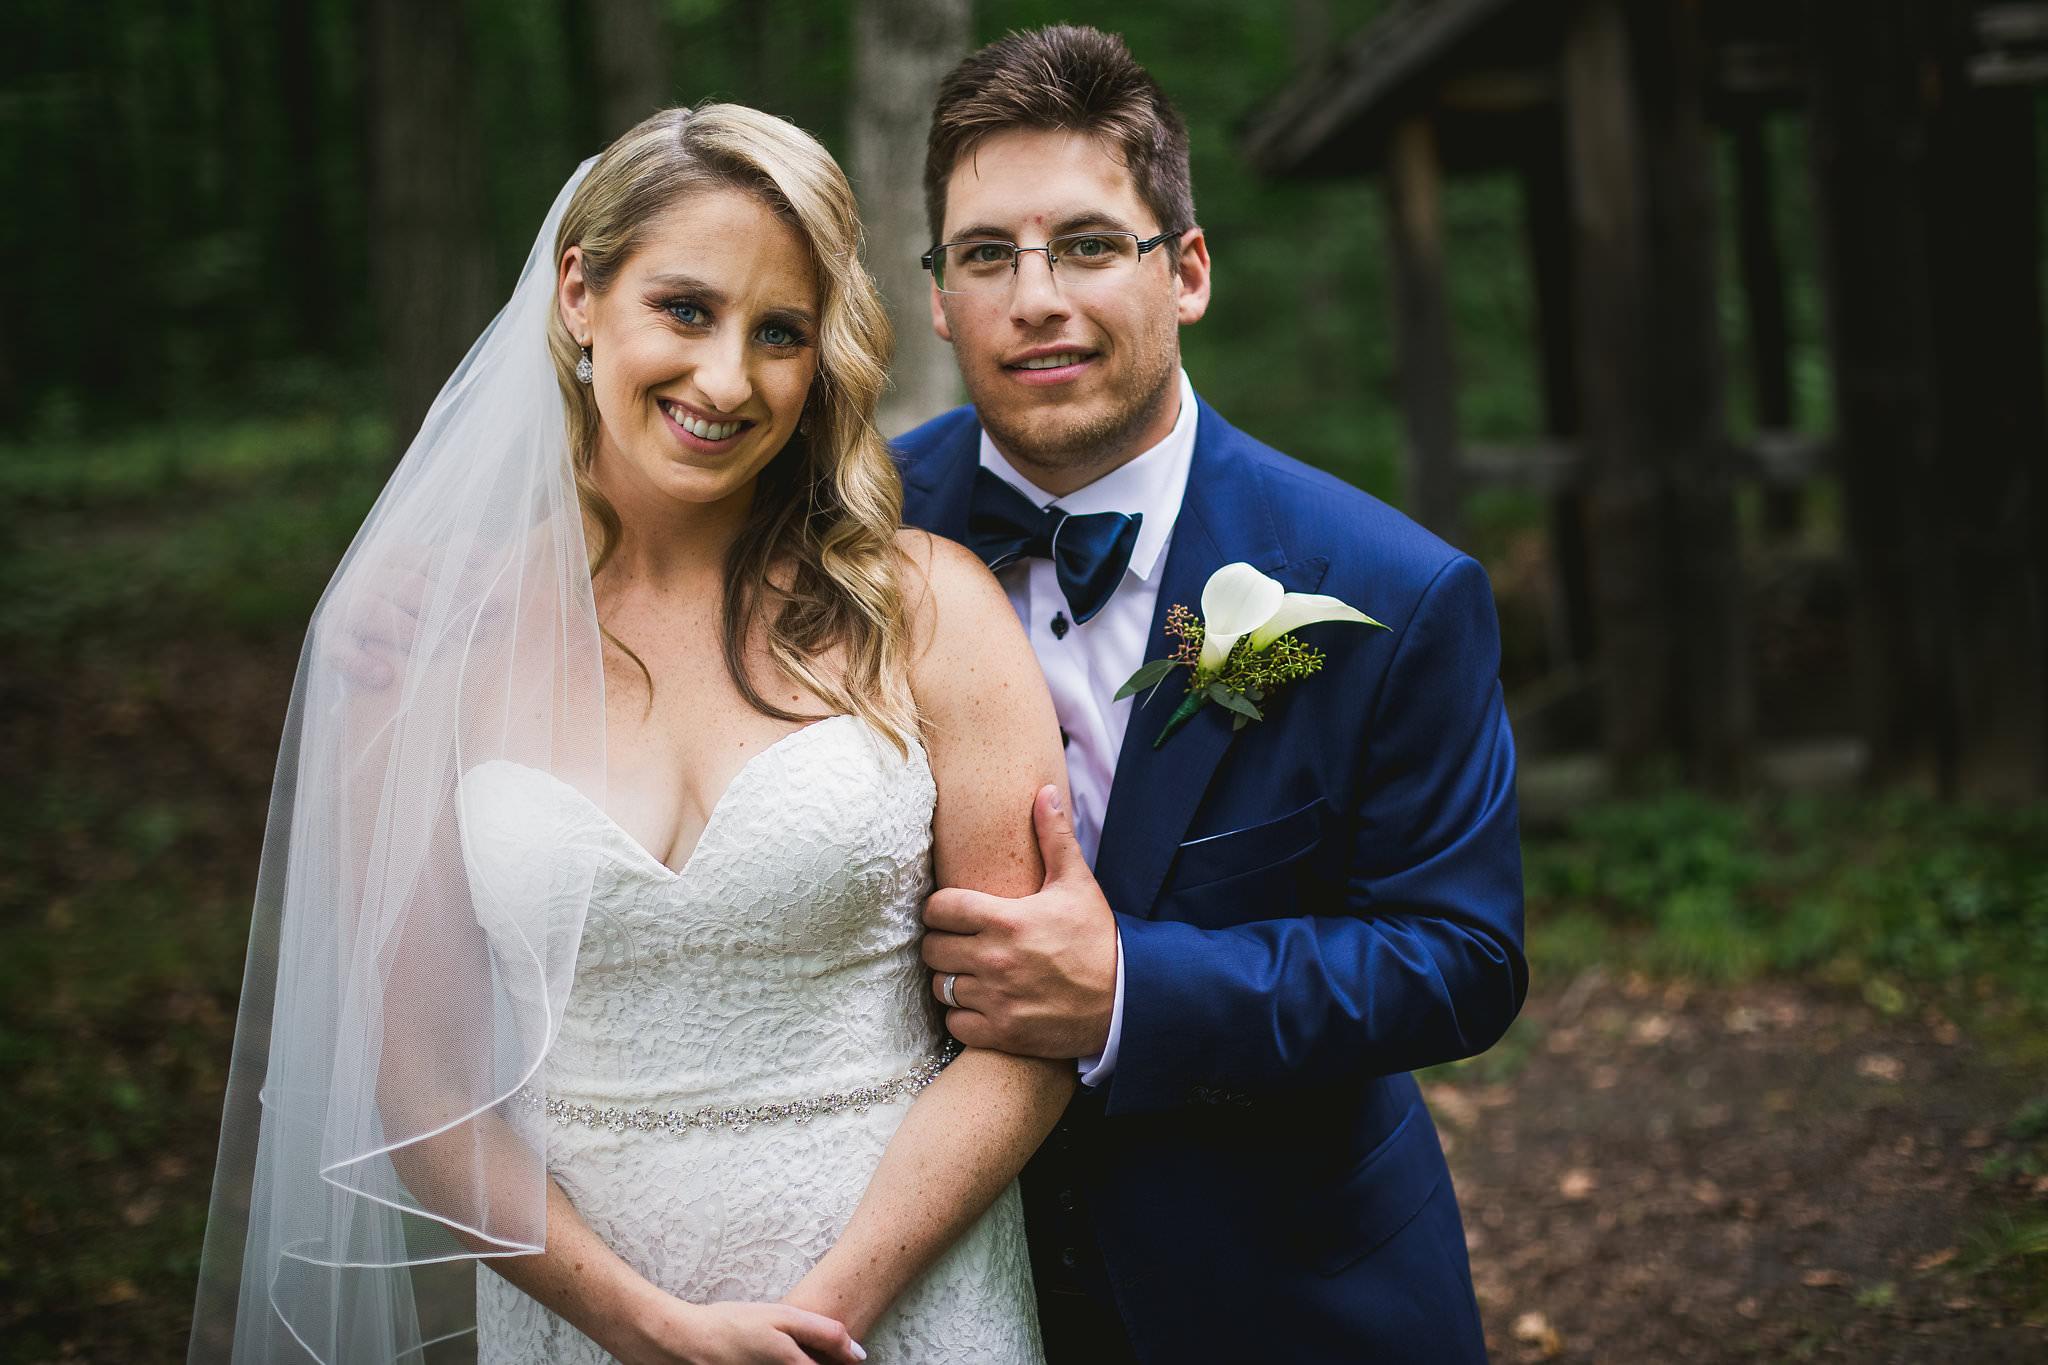 whistlebearweddingphotos 568 - Whistle Bear Wedding Photos